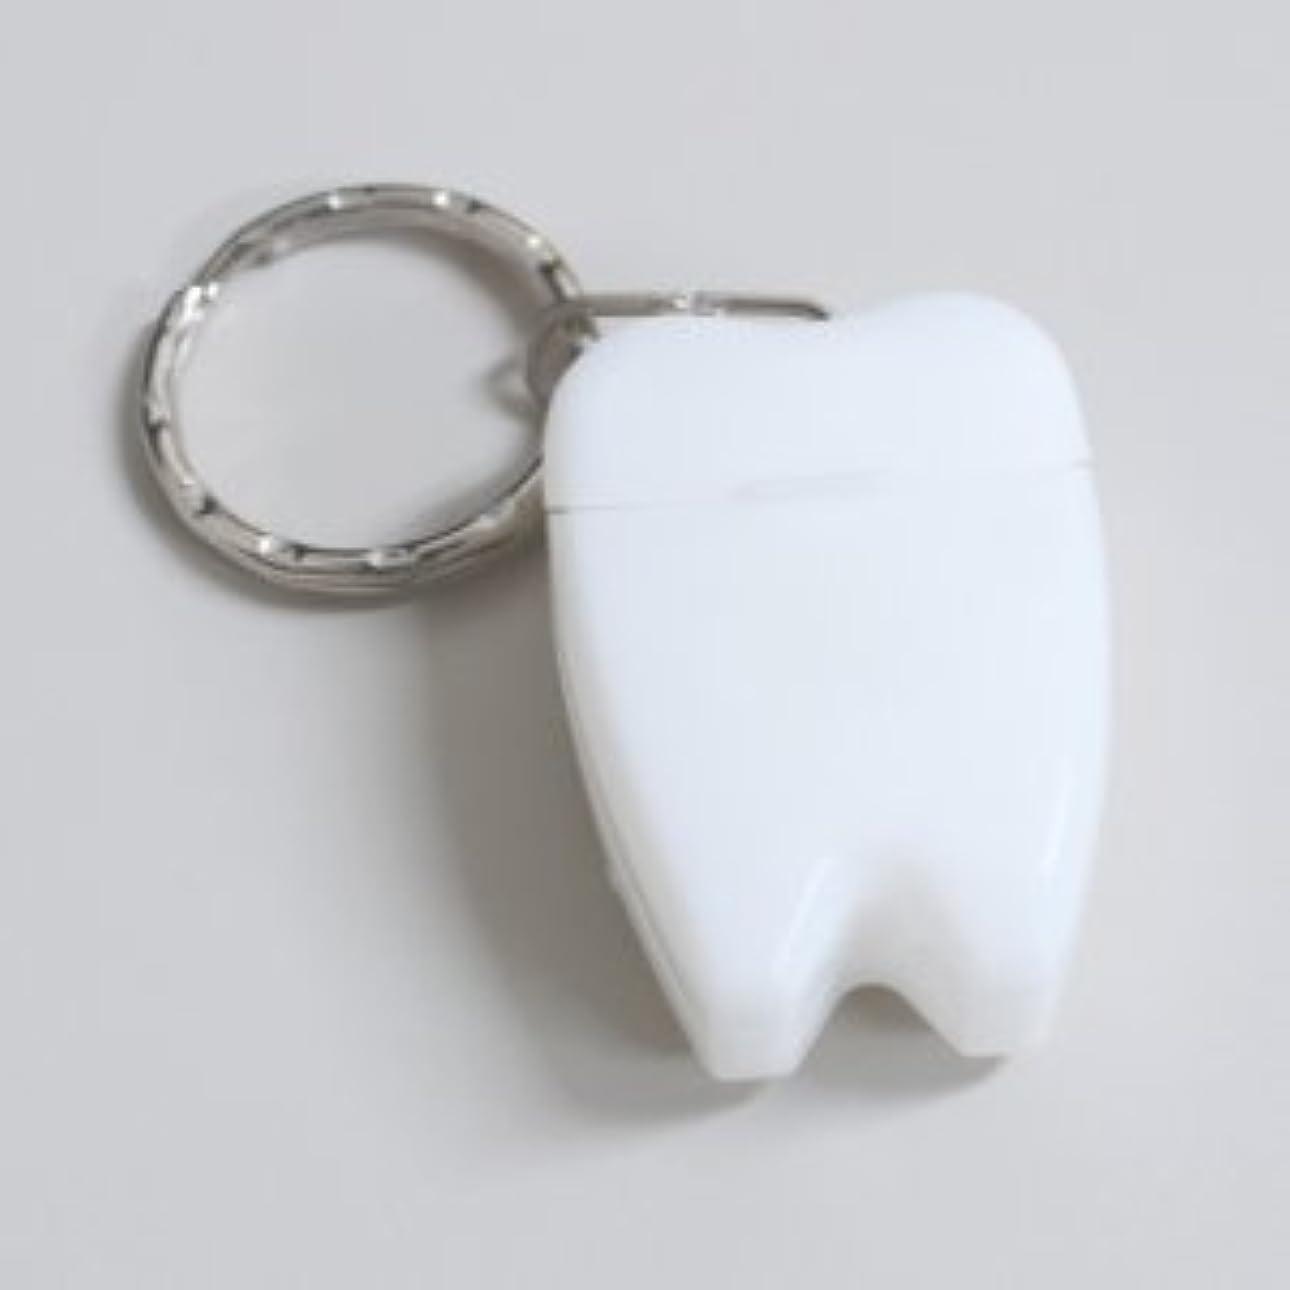 カリング断片かわいらしい歯型デンタルフロス キーホルダー ホワイト 1個